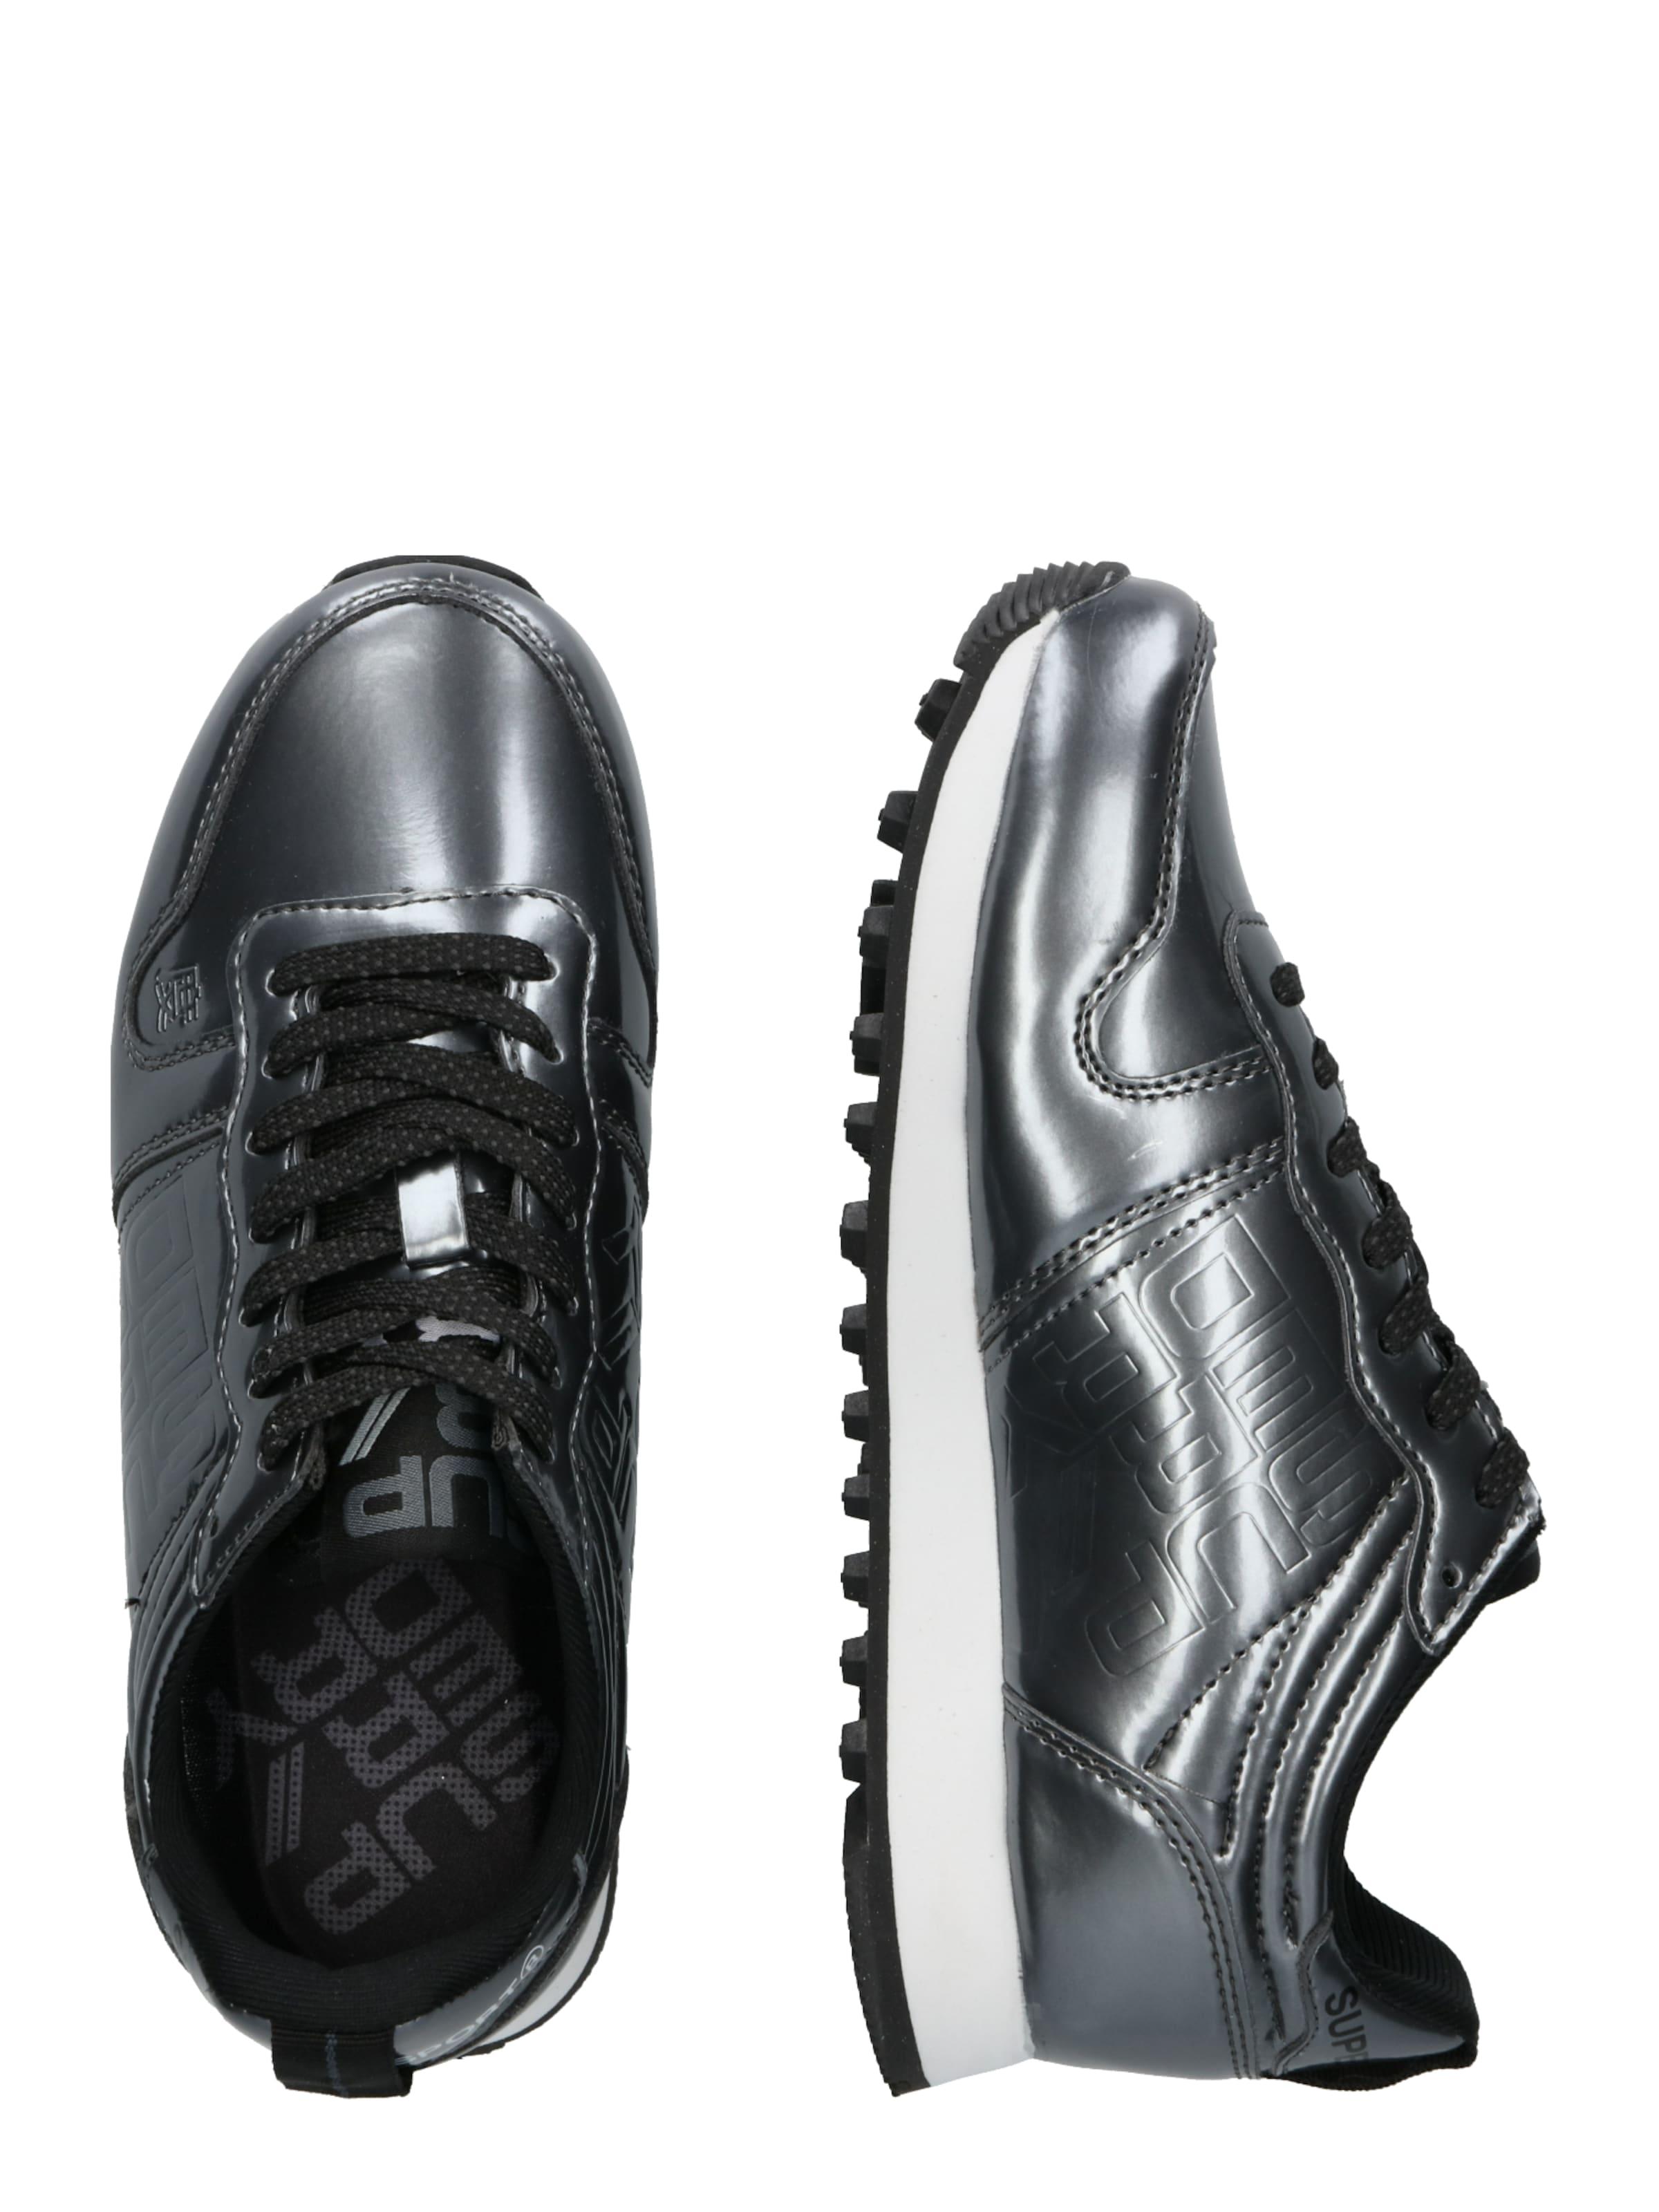 In Superdry Sneaker In Silbergrau Superdry Silbergrau Silbergrau Sneaker Superdry Superdry Sneaker In Sneaker IYf7gbyv6